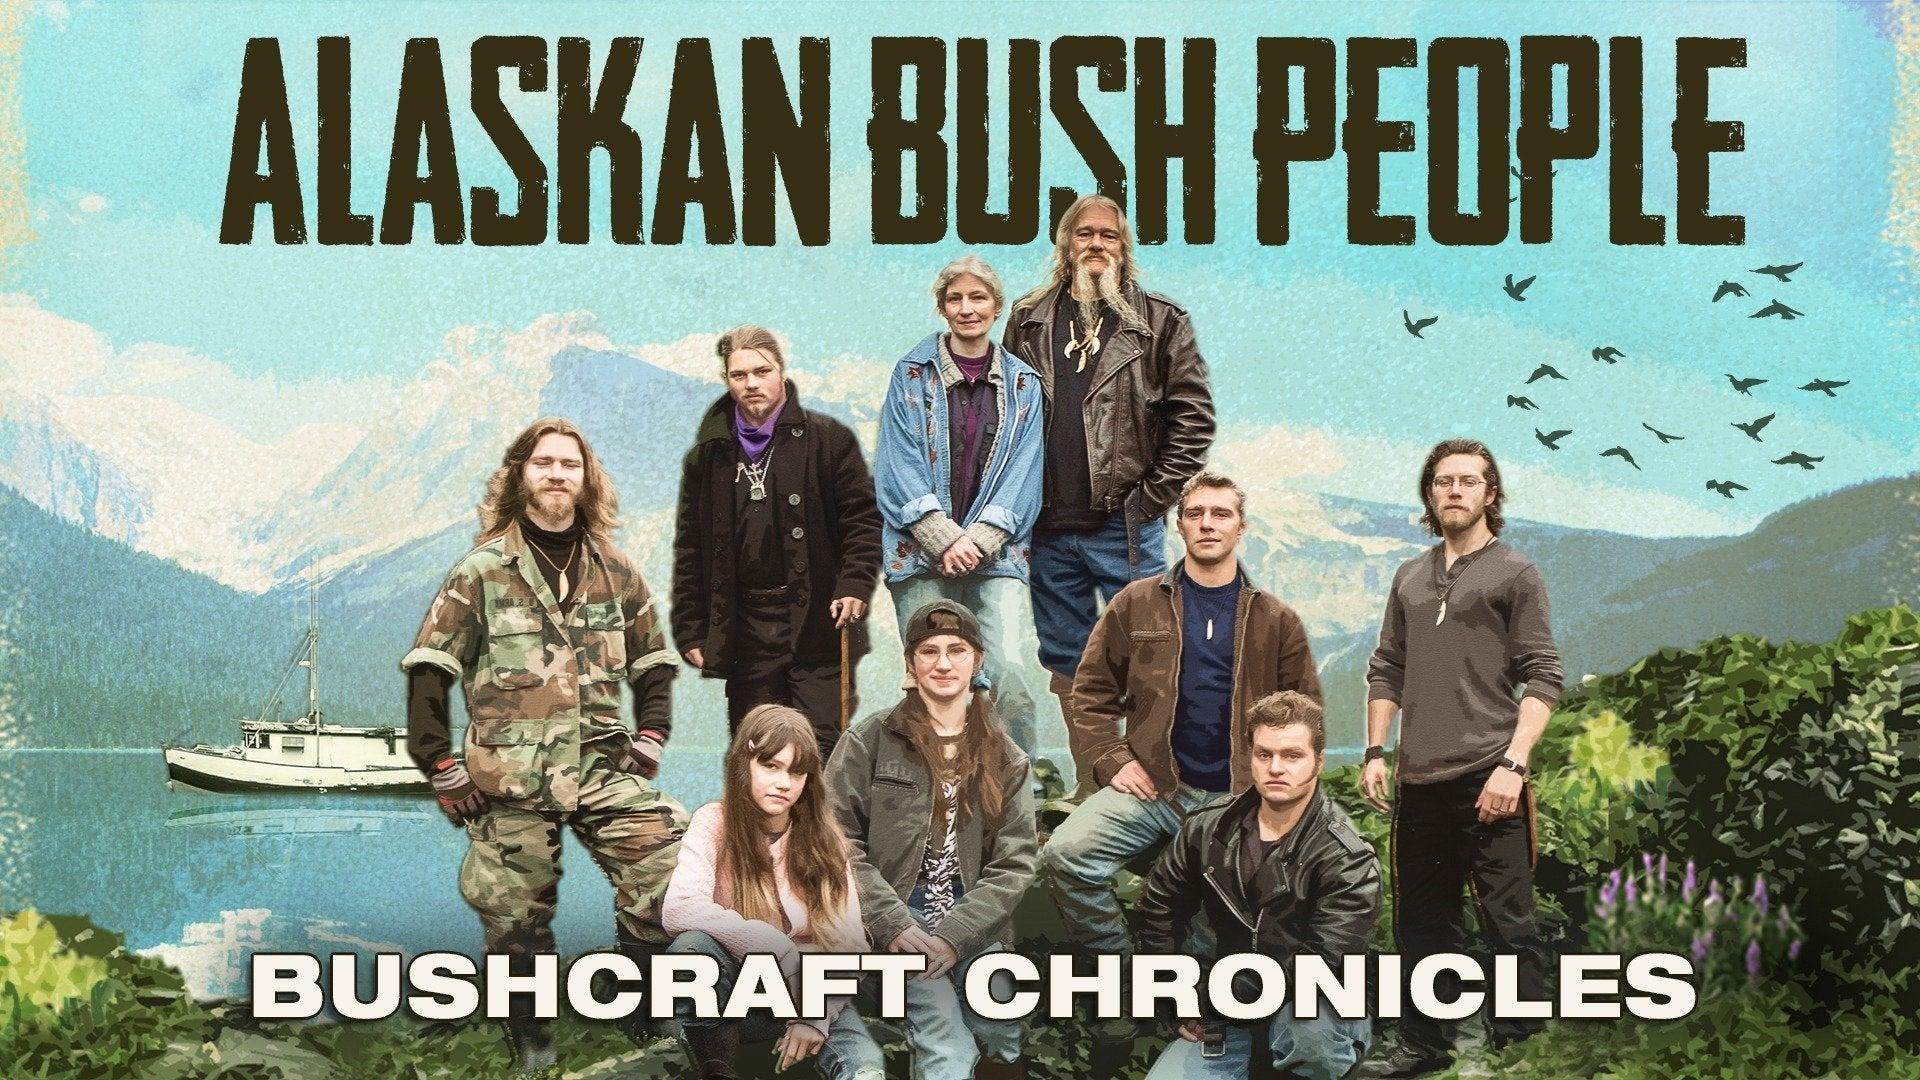 Alaskan Bush People: Bushcraft Chronicles